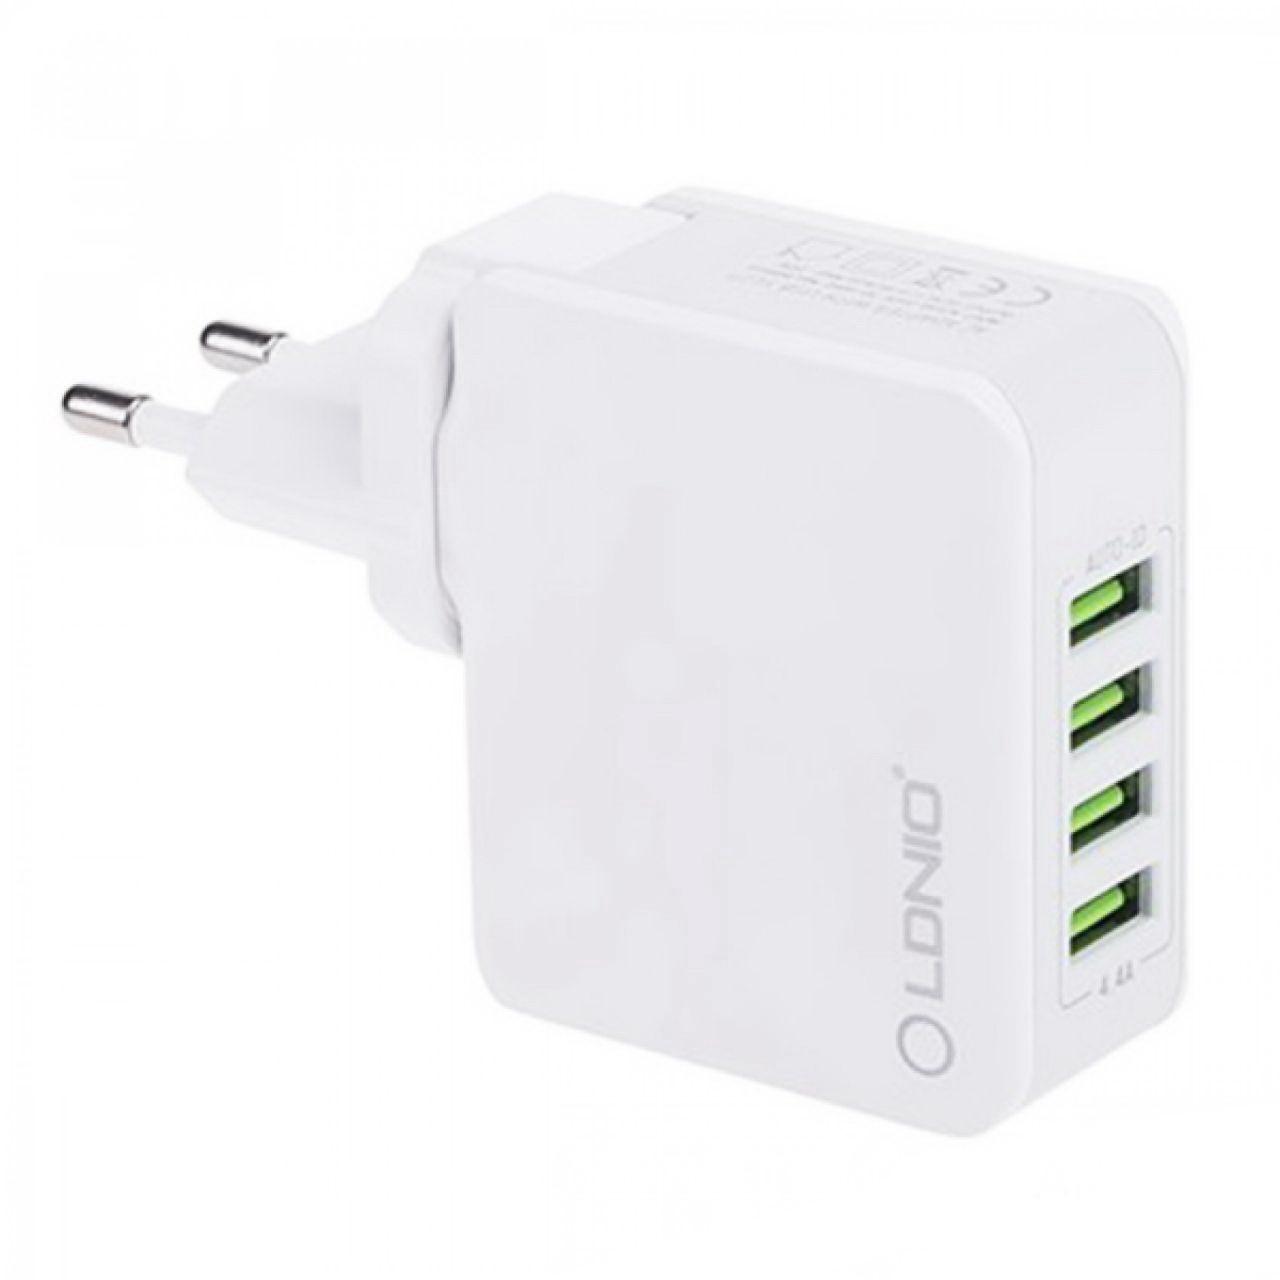 Сетевое зарядное устройство Ldnio A4403 (4USB 4.4A) White